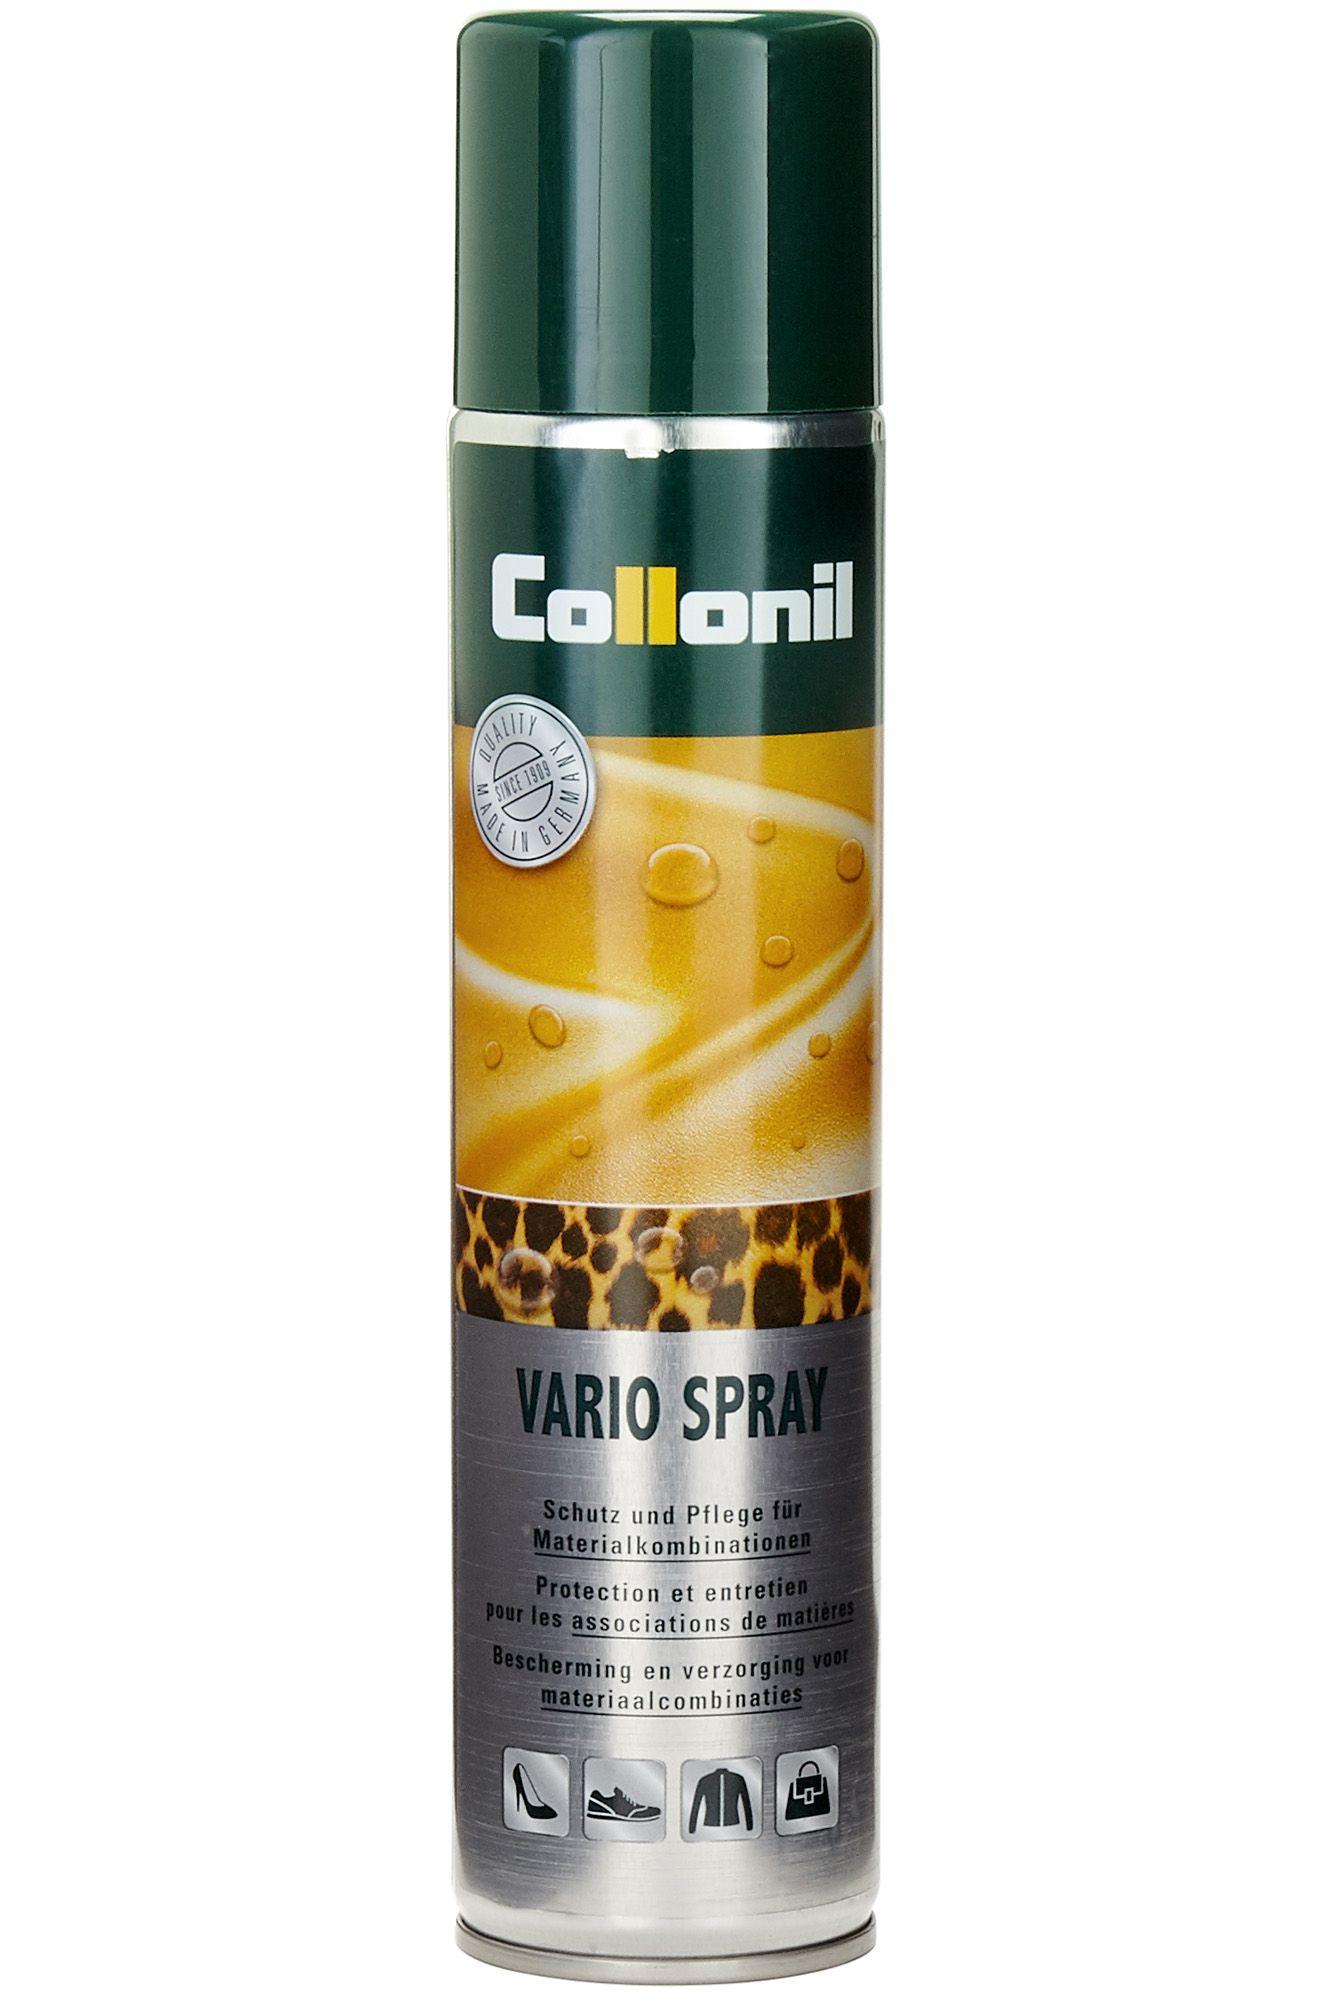 Collonil VARIO SPRAY - Schutz und Pflege für Materialkombinationen (300ml)